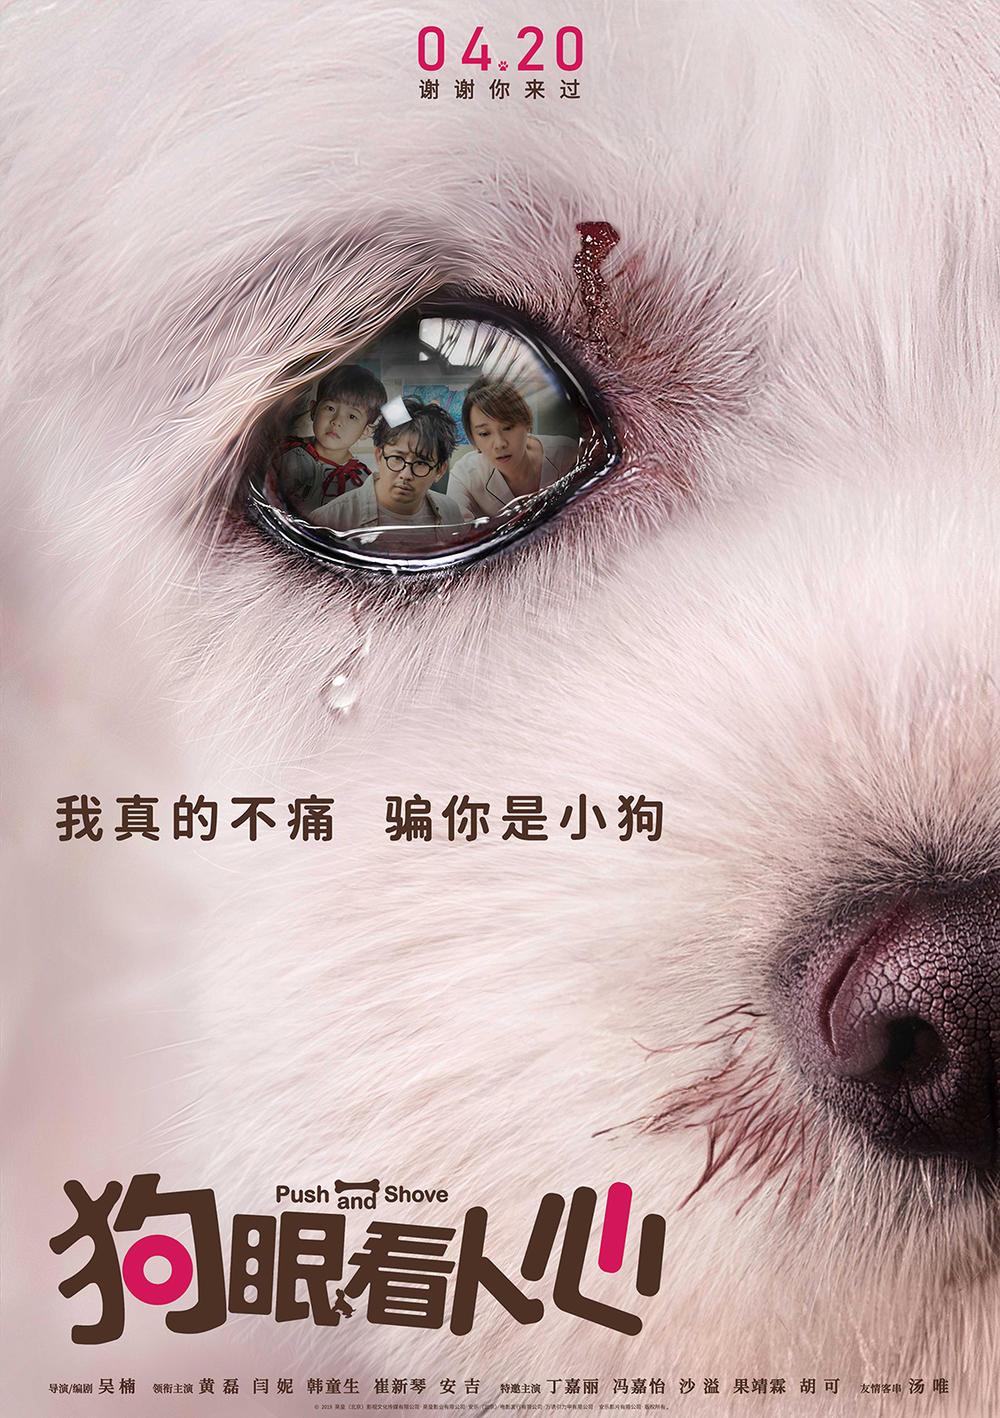 黄磊闫妮《狗眼看人心》定档4.20 暖心来